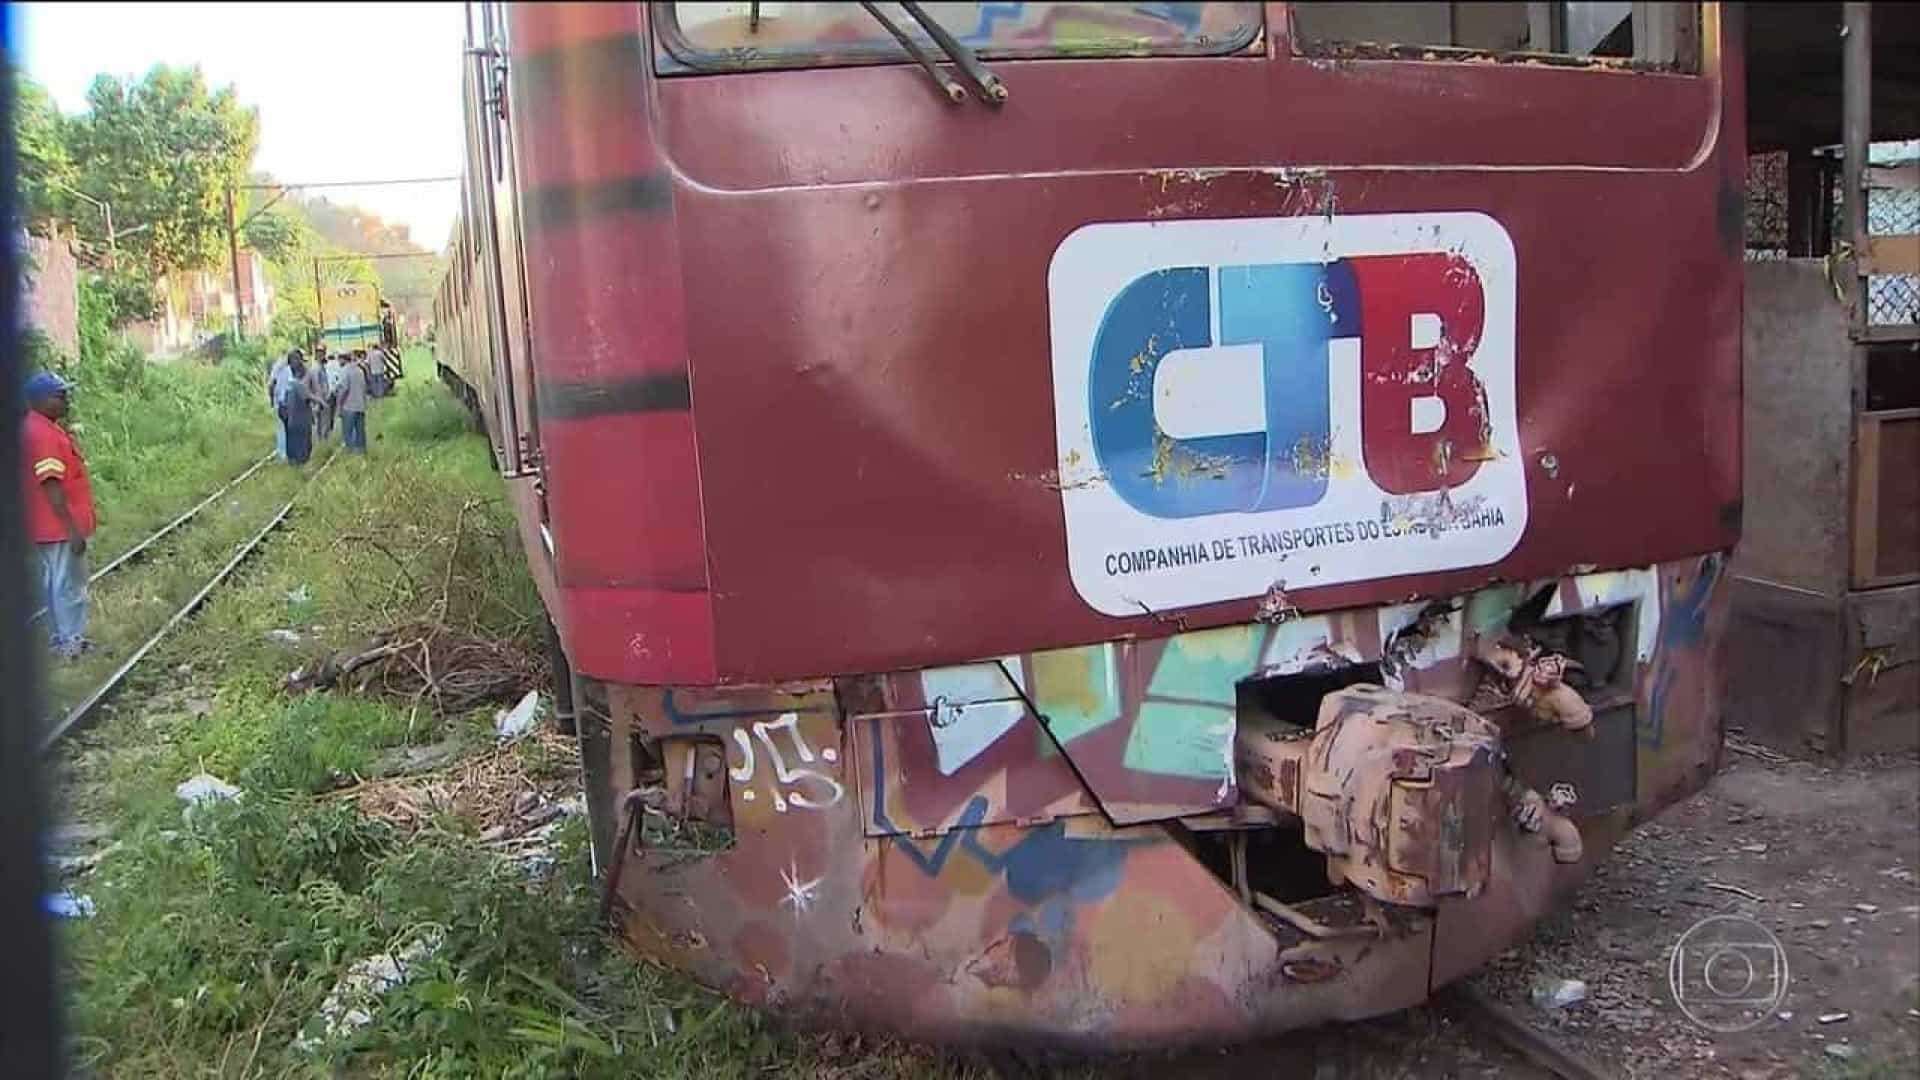 47 feridos em colisão de trens na Bahia